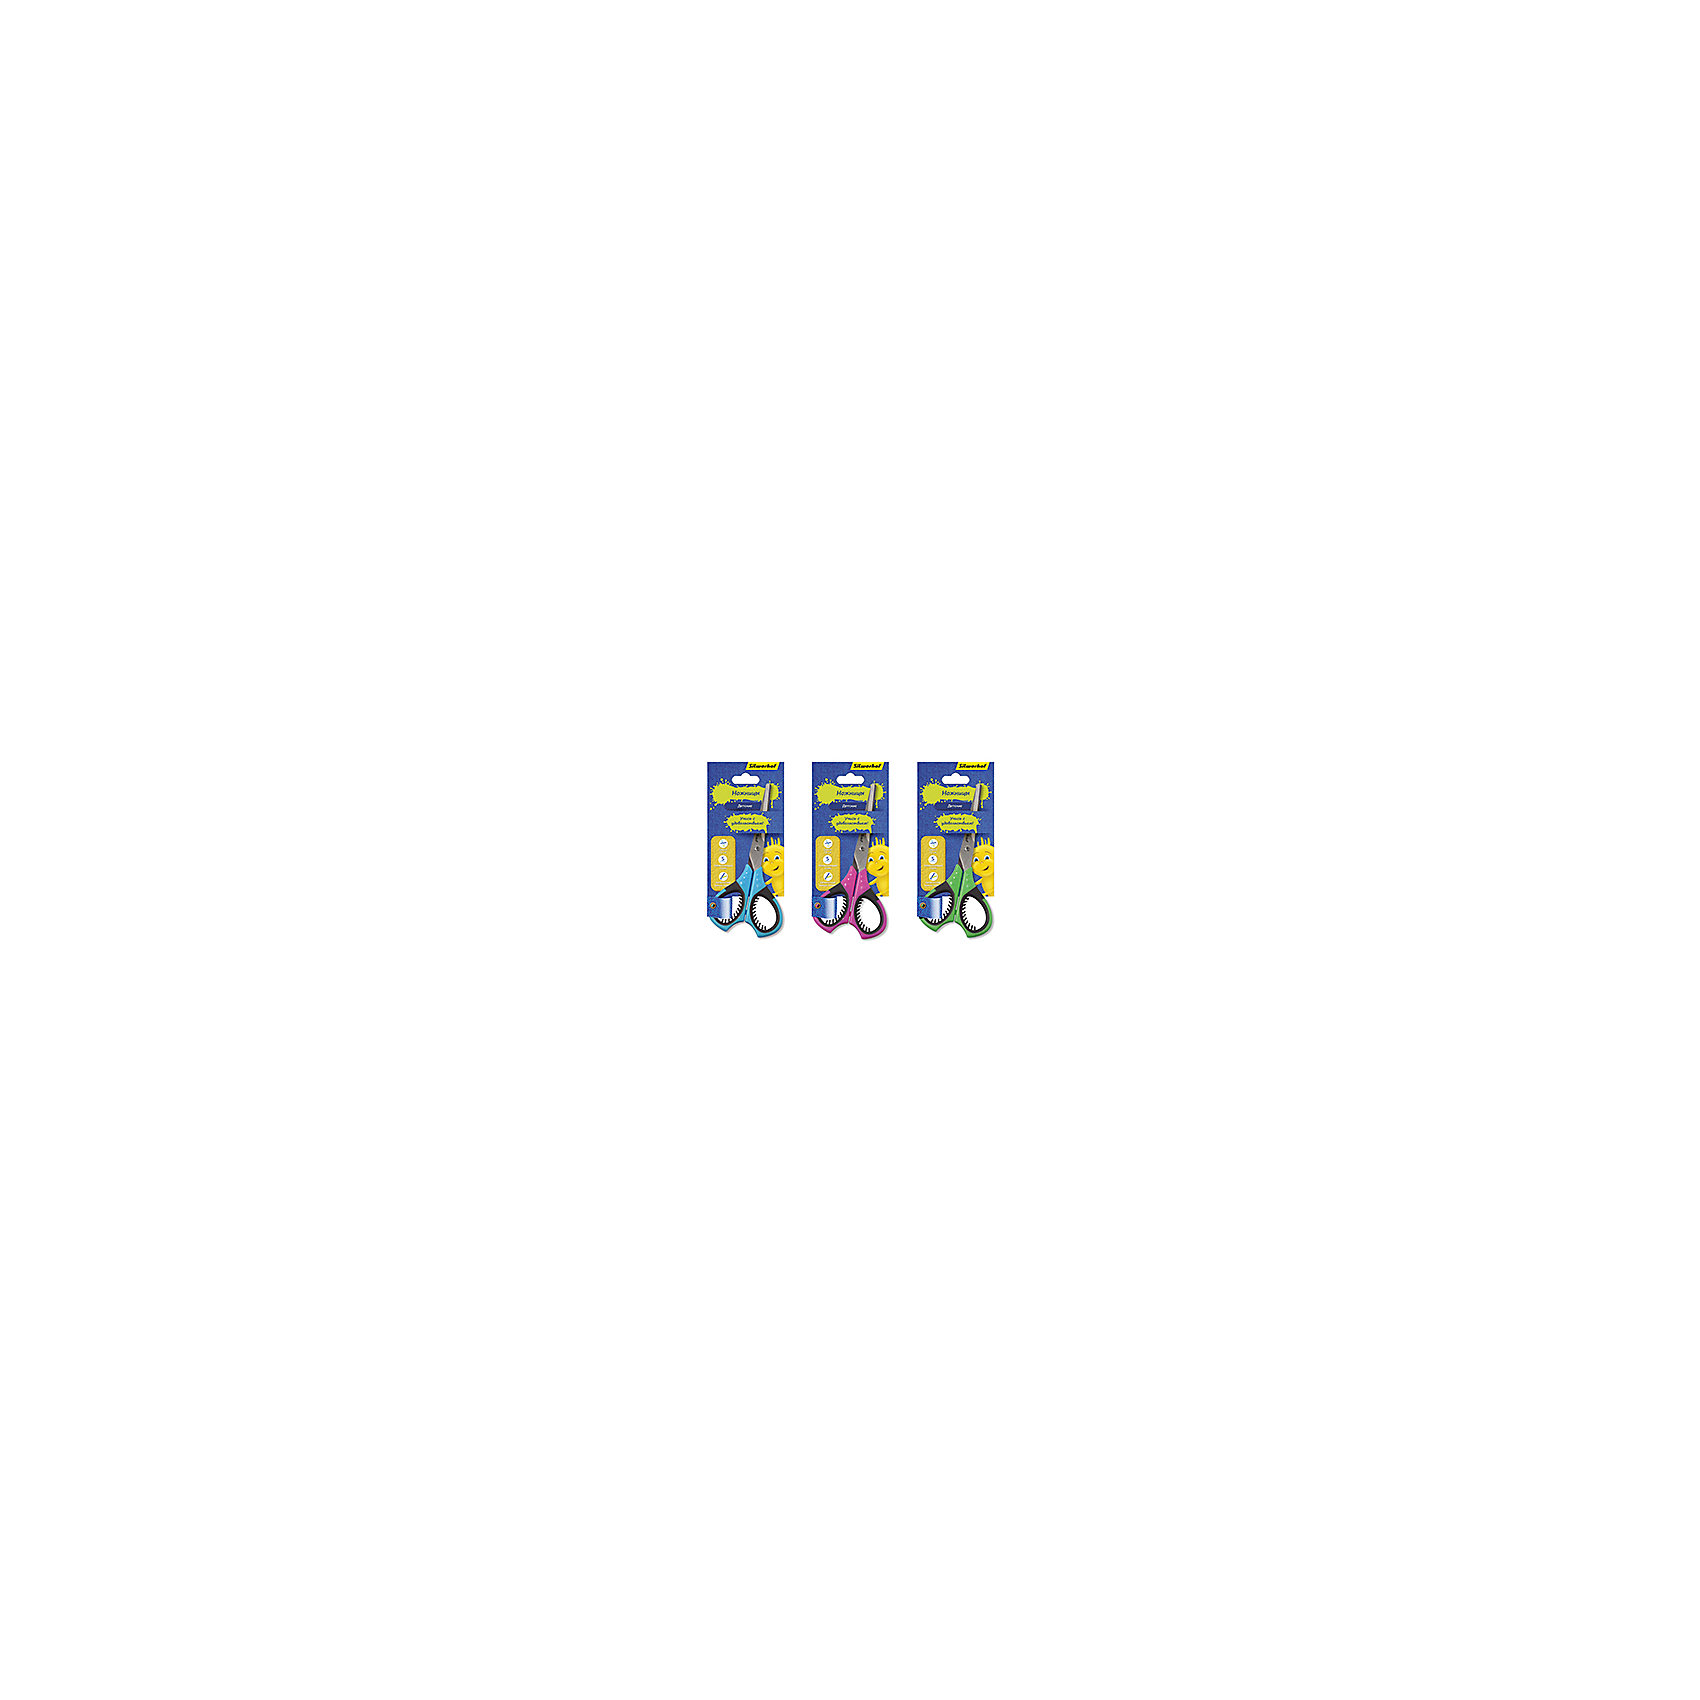 Ножницы детские, ДЖИНСОВАЯ КОЛЛЕКЦИЯ, 15смХарактеристики товара:<br><br>• упаковка: блистер с европодвесом<br>• пластиковые ручки с резиновыми вставками<br>• кольца одинакового размера<br>• размер: 15 см<br>• возраст: от 3 до 12 лет<br>• страна бренда: Российская Федерация<br>• страна производства: Китай<br><br>Развить творческие способности ребенка и весело провести время поможет творчество! Такие ножницы созданы для малышей. Они удобные и прочные.<br>Ножницы качественно выполнены, сделаны из безопасного для детей сырья. Творчество помогает детям лучше развить мелкую моторику, память, внимание, аккуратность и мышление. <br><br>Ножницы детские, ДЖИНСОВАЯ КОЛЛЕКЦИЯ, 15см, от бренда Silwerhof можно купить в нашем интернет-магазине.<br><br>Ширина мм: 170<br>Глубина мм: 80<br>Высота мм: 5<br>Вес г: 40<br>Возраст от месяцев: 36<br>Возраст до месяцев: 144<br>Пол: Унисекс<br>Возраст: Детский<br>SKU: 5020562